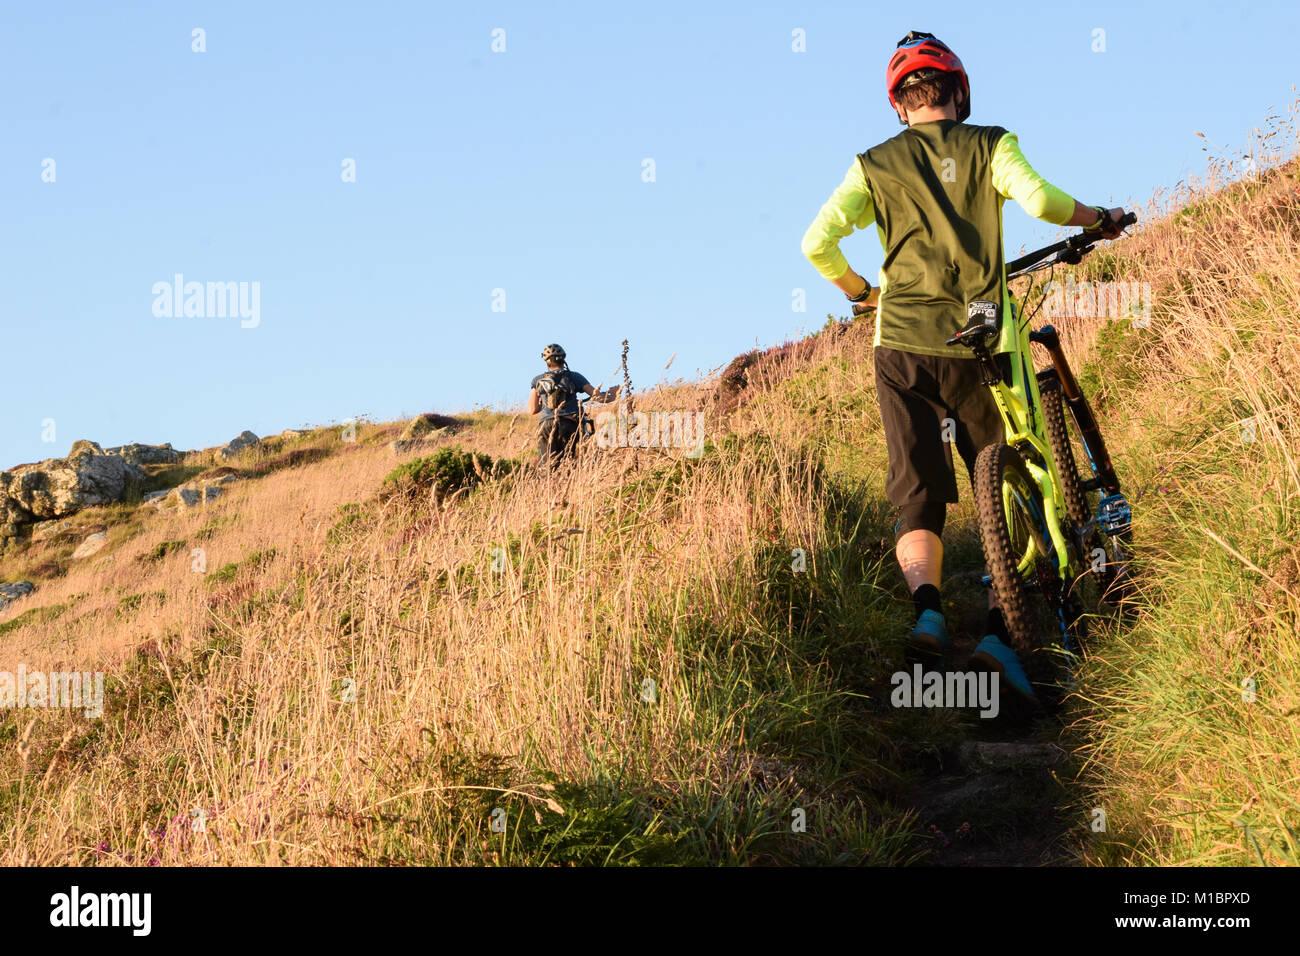 Jake Marsh Enduro Mountain Biking Pushing Up, Gwenver, Sennen, Cornwall, UK Stock Photo